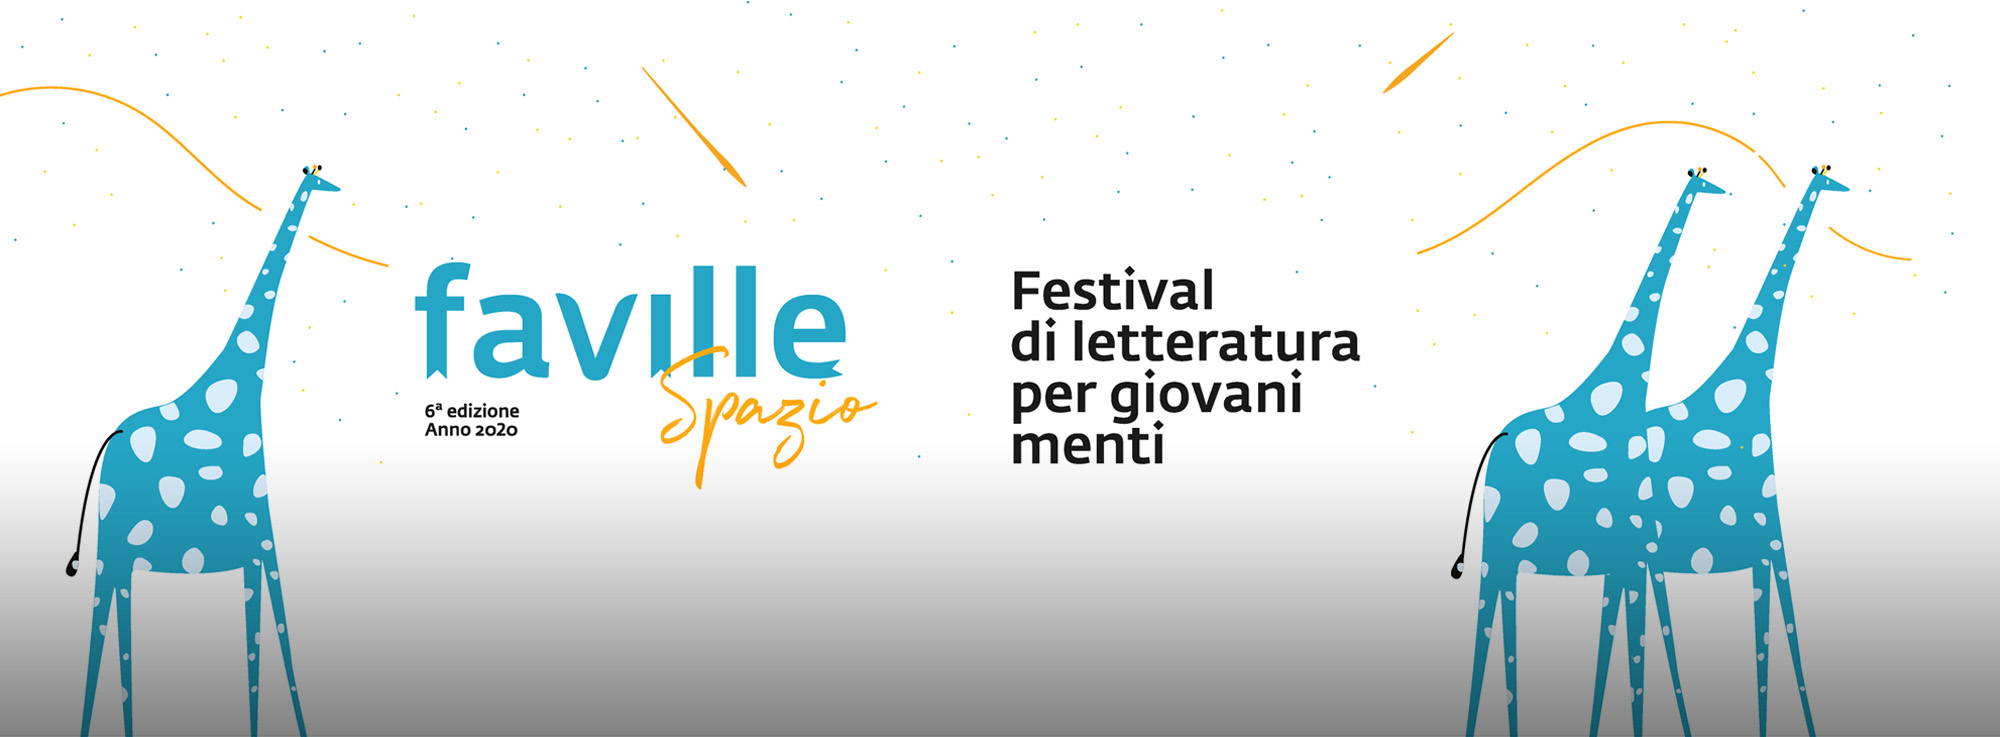 Putignano : Faville Festival